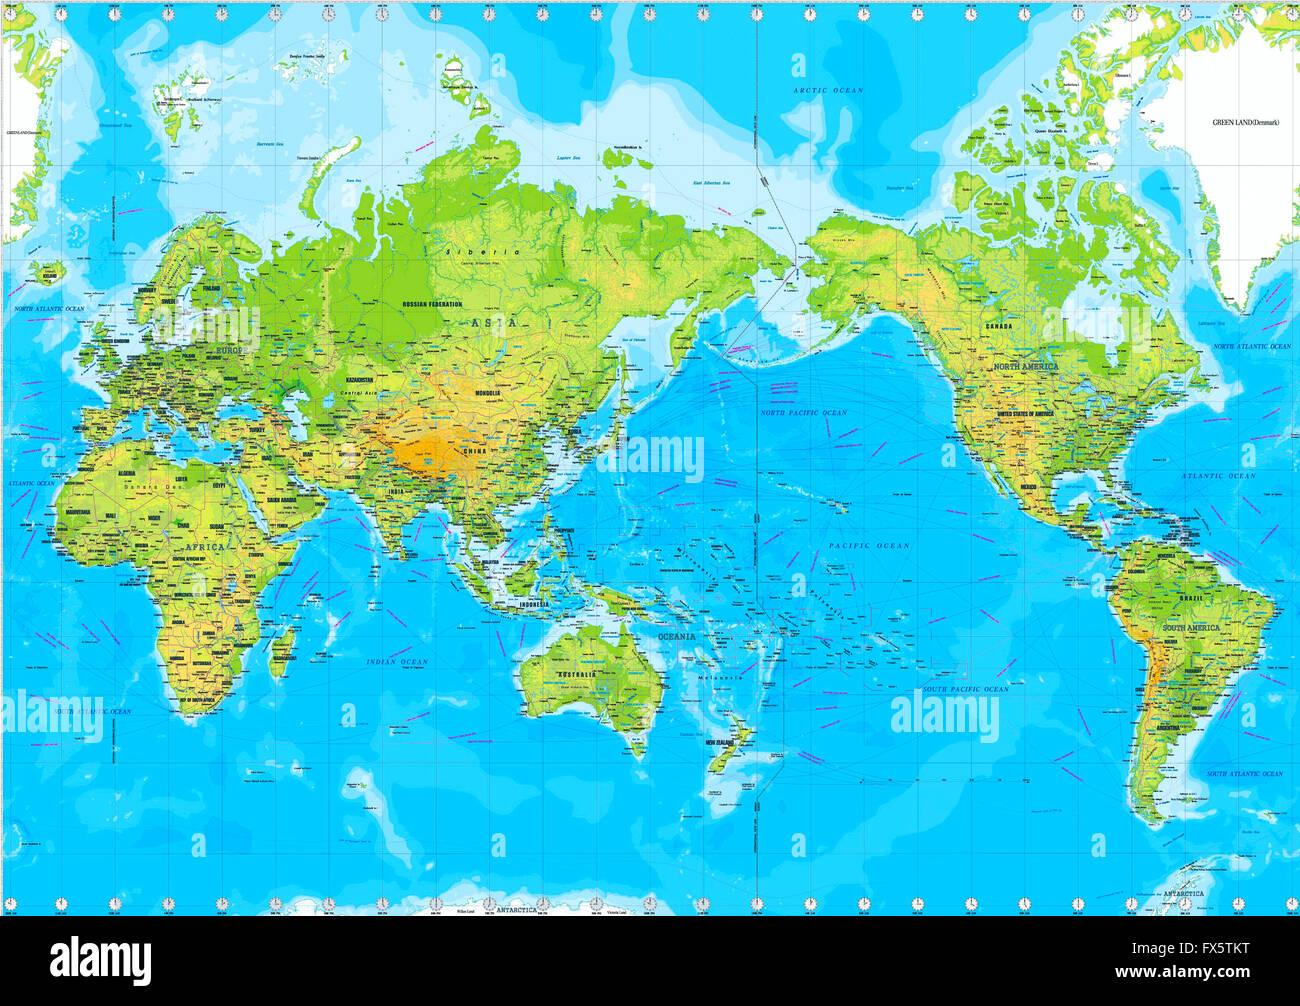 Cartina fisica del mondo foto immagine stock 102162028 - Mappa del mondo contorno ks2 ...